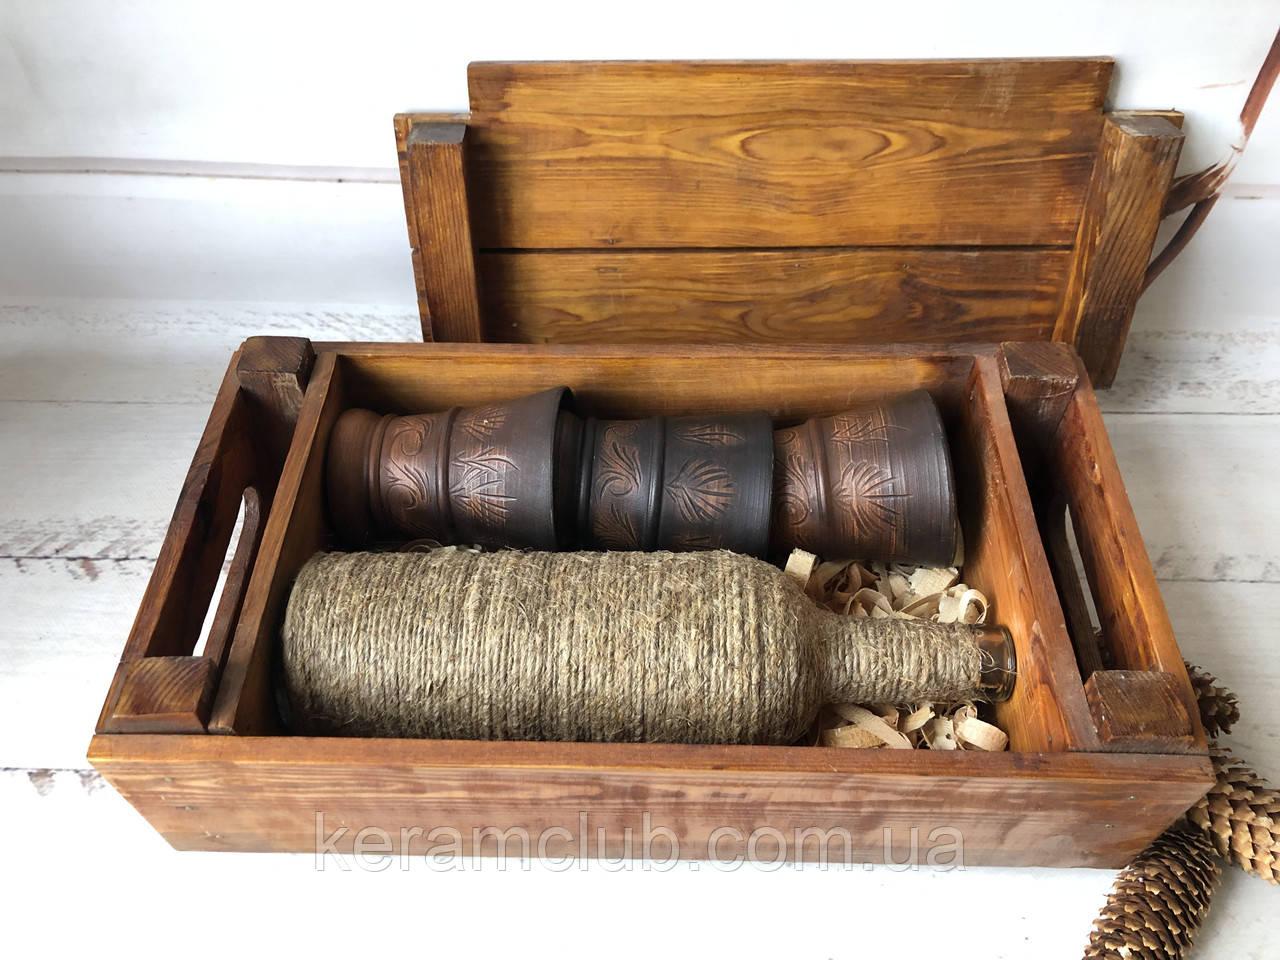 Подарочный винный набор в деревянной коробке с бокалами из красной глины